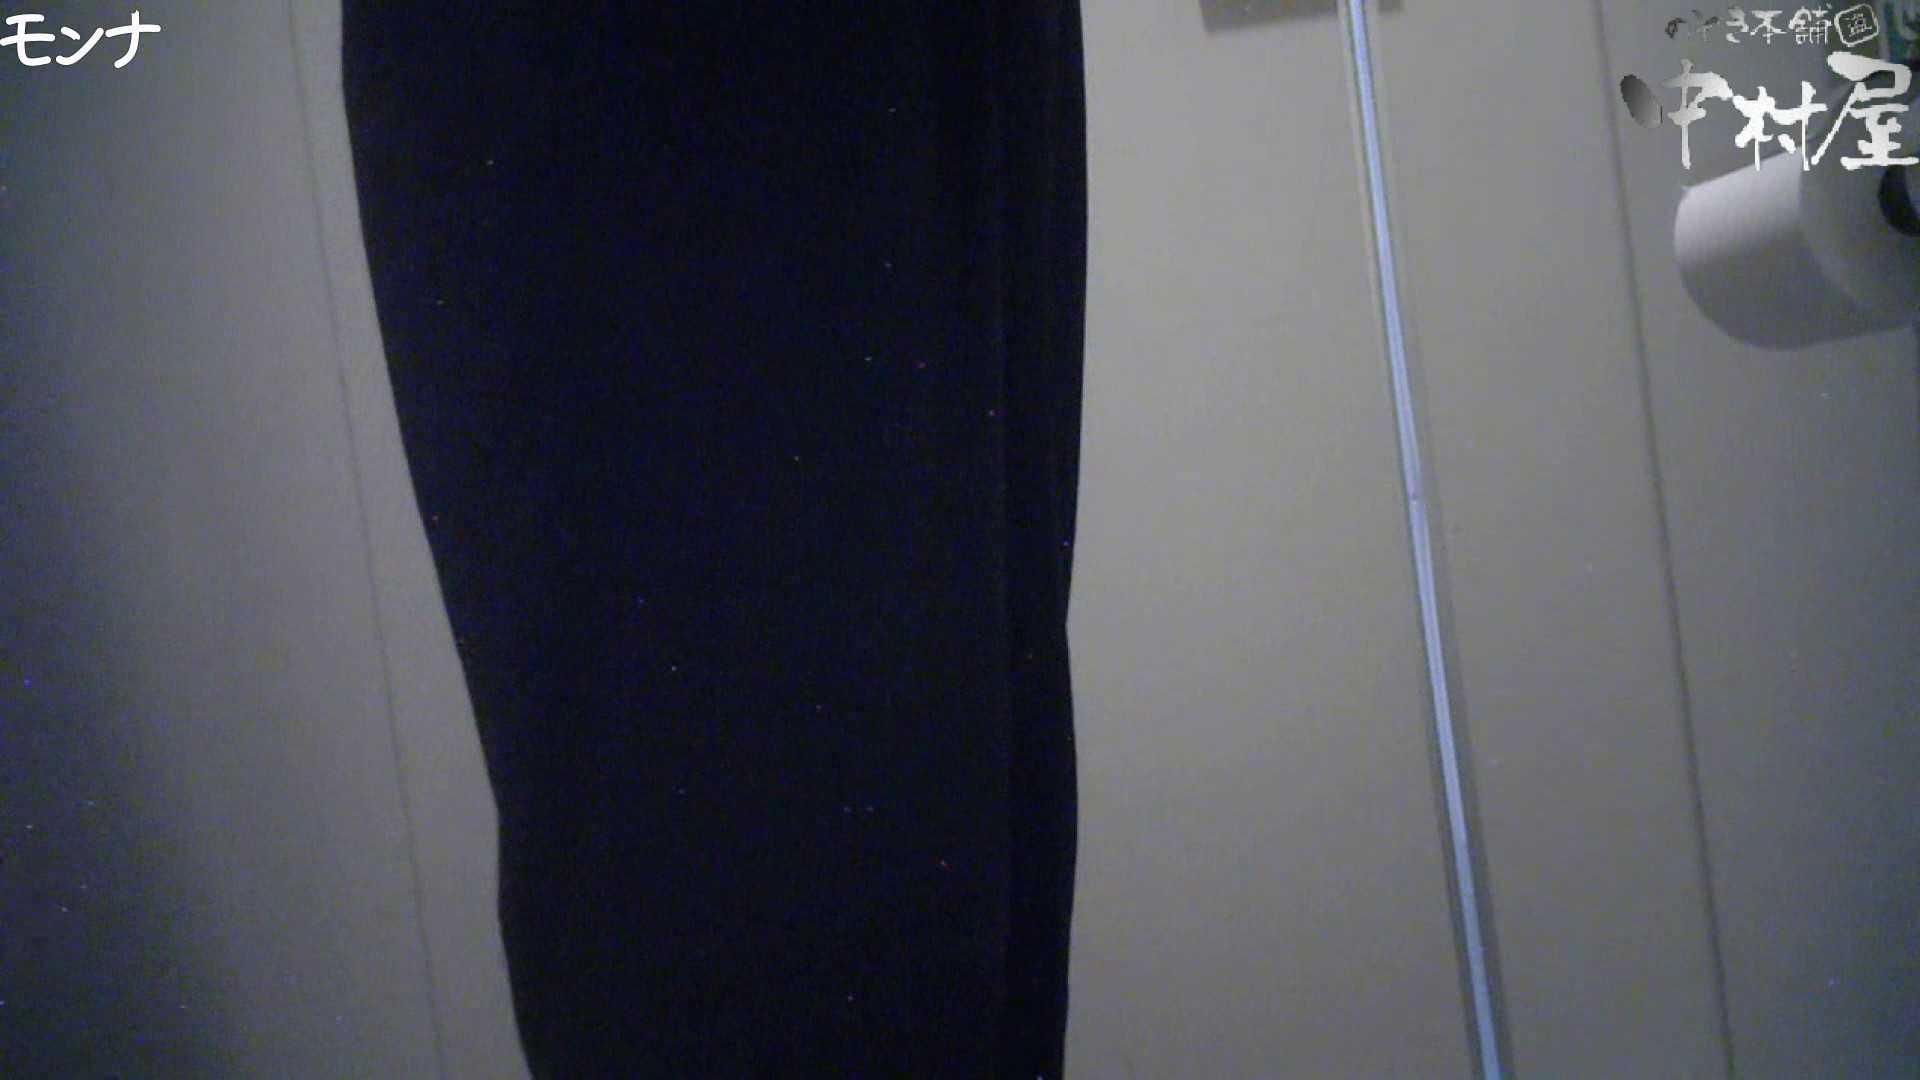 有名大学女性洗面所 vol.66 清楚系女子をがっつり!! 和式トイレ 性交動画流出 82pic 7